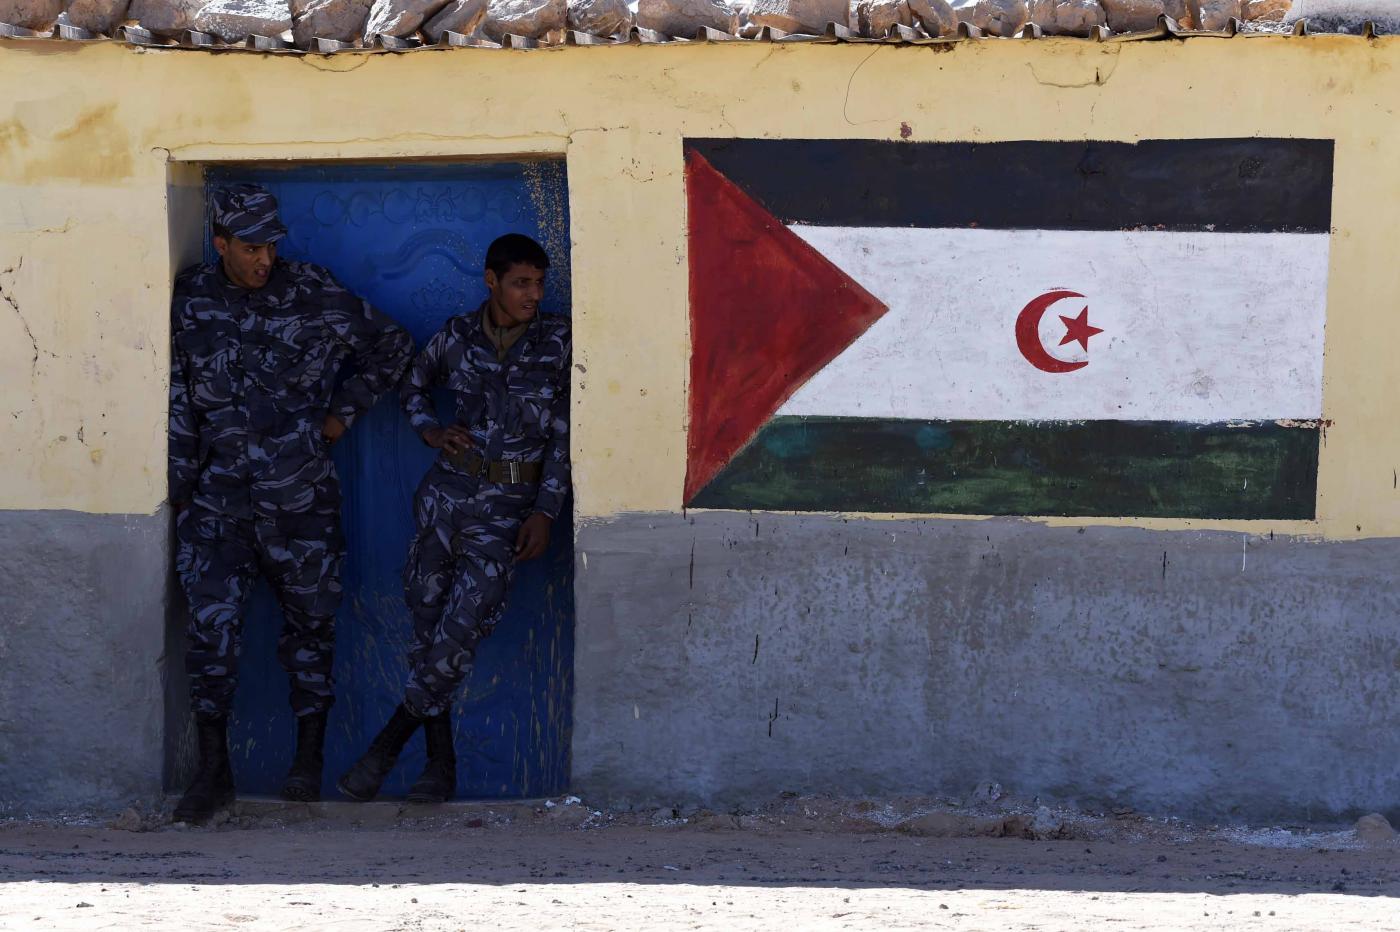 صورة الإعلام المغربي والتطبيع… وتلفزيون الجزائر يحتفي بصواريخ عاشوراء!